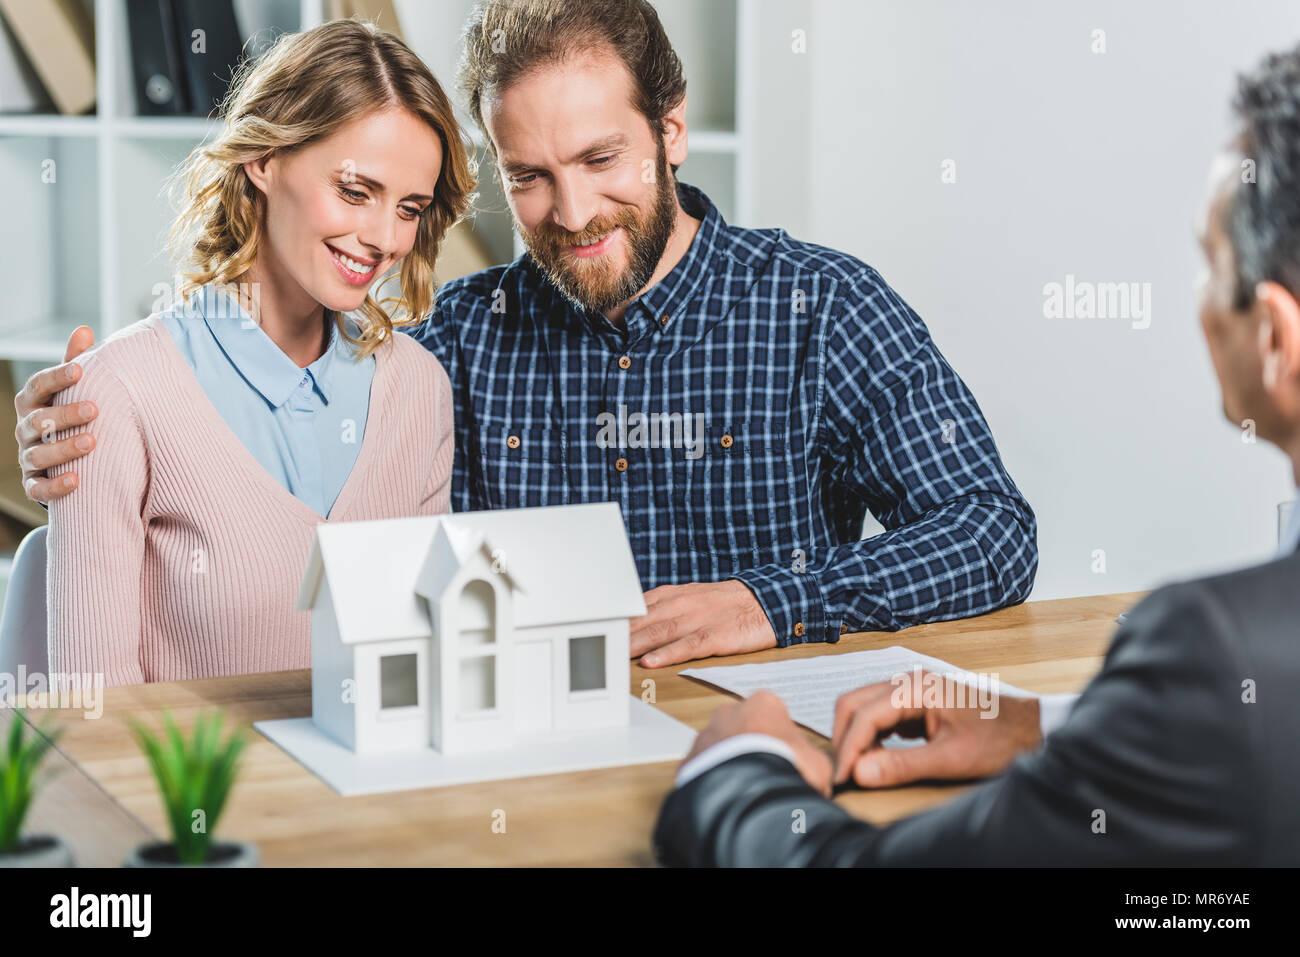 Portrait de couple rencontre avec agent immobilier agence immobilière office Photo Stock